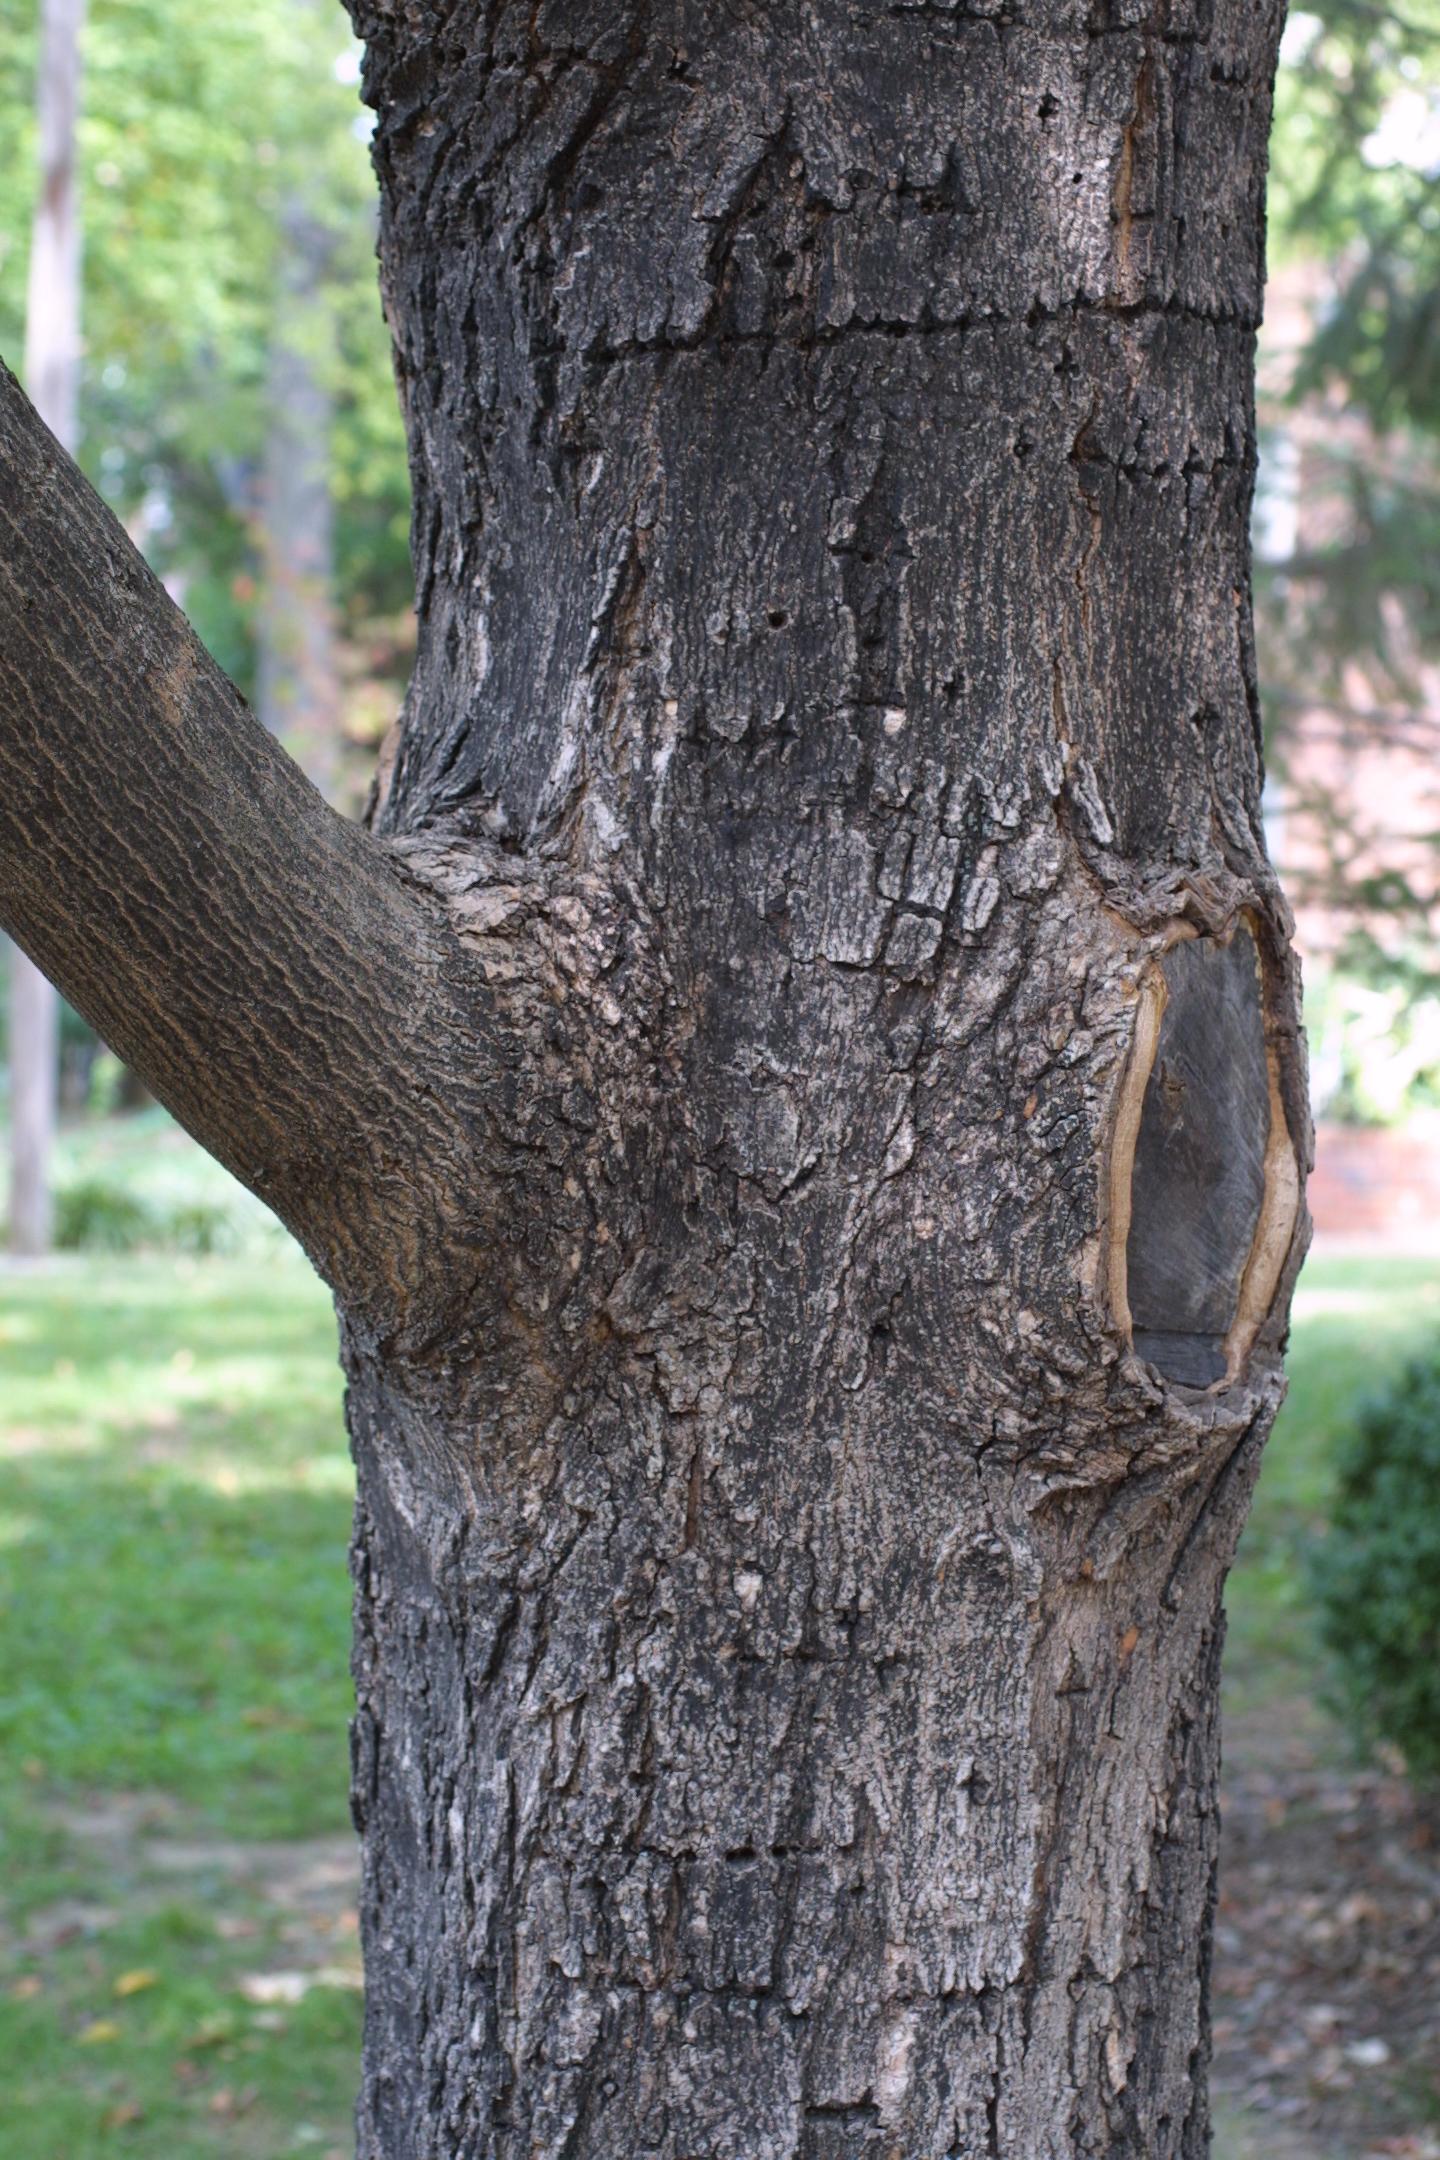 Acer nigrum (black maple) - NRE 436 (also EEB or ENVIRON)